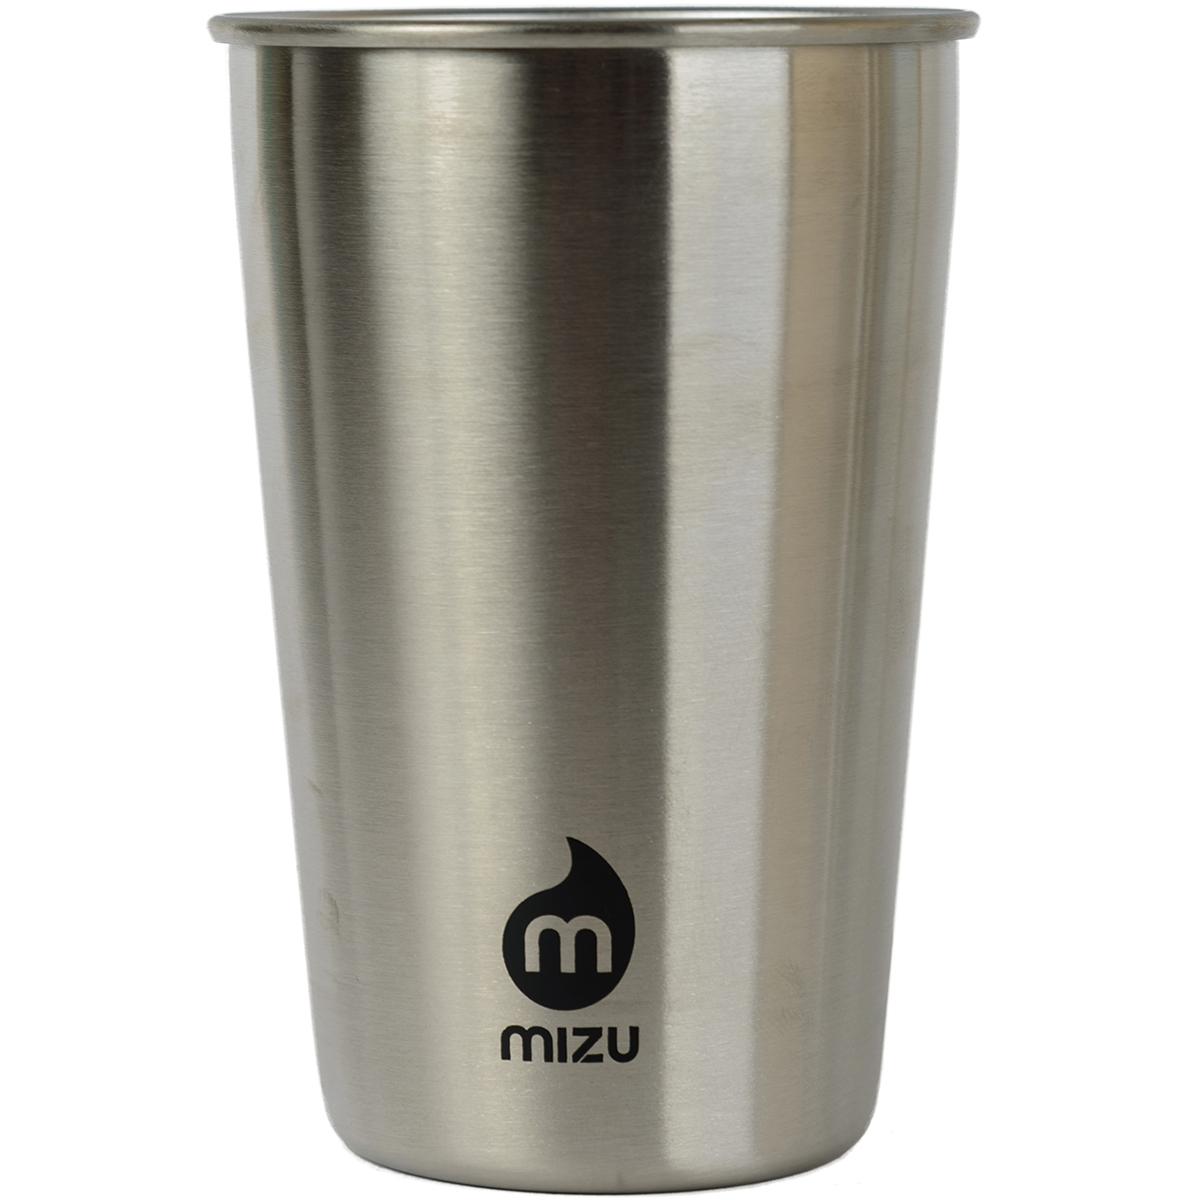 Набор стаканов Mizu Party, 480 мл, 2 шт0003929Набор Mizu Party состоит из двух бокалов, изготовленных из высококачественной нержавеющей стали.Лаконичный дизайн и эргономичная форма бокалов позволяют использовать их как в походе, так и в домашних условиях.Объем: 480 мл.Диаметр: 8,5 см.Высота: 17 см.